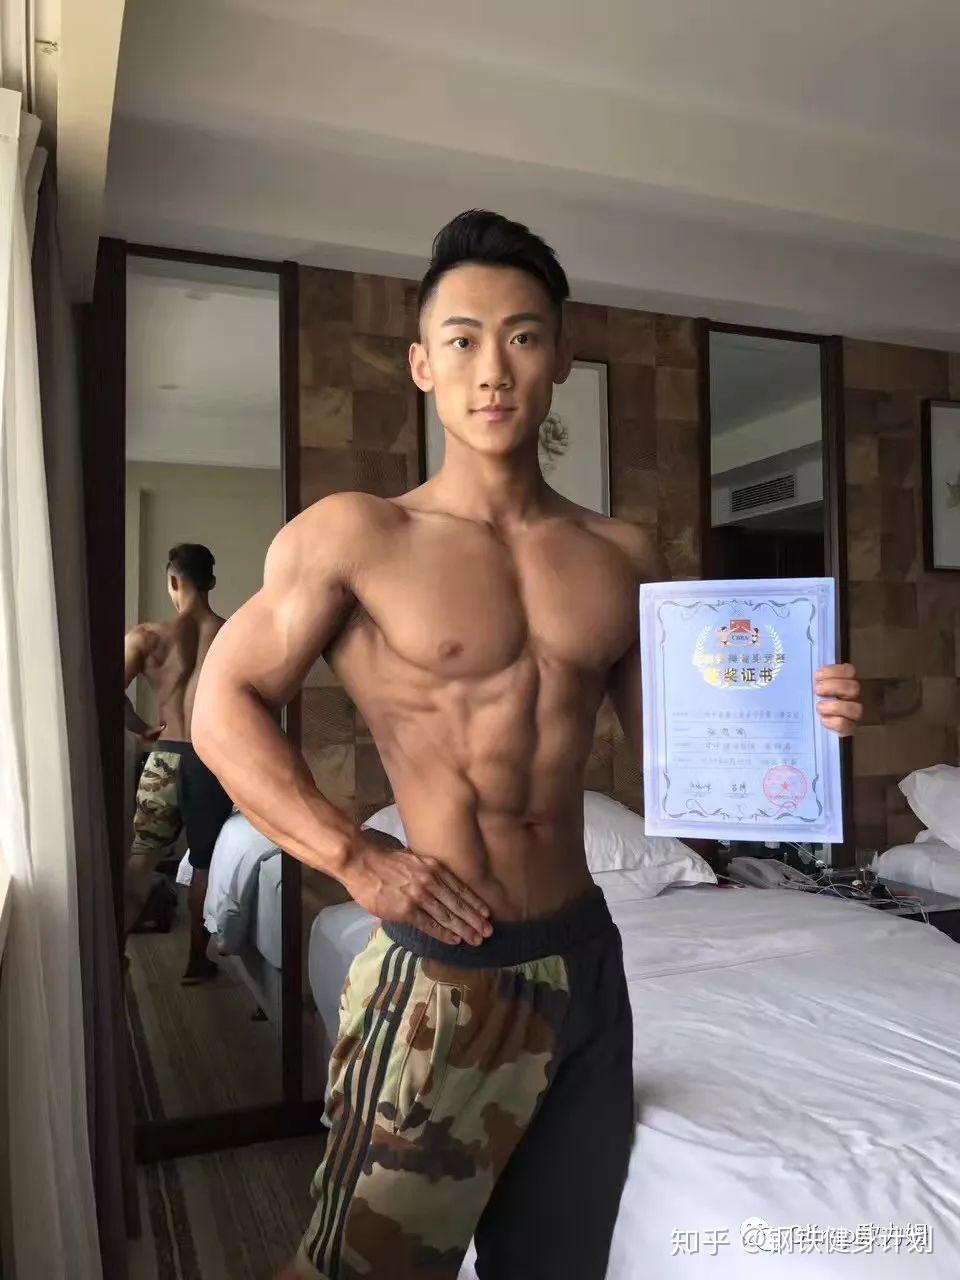 石家庄超越健身次卡_欧力姆签约短腿小萝卜-张哲瑜为品牌形象代言人 - 知乎